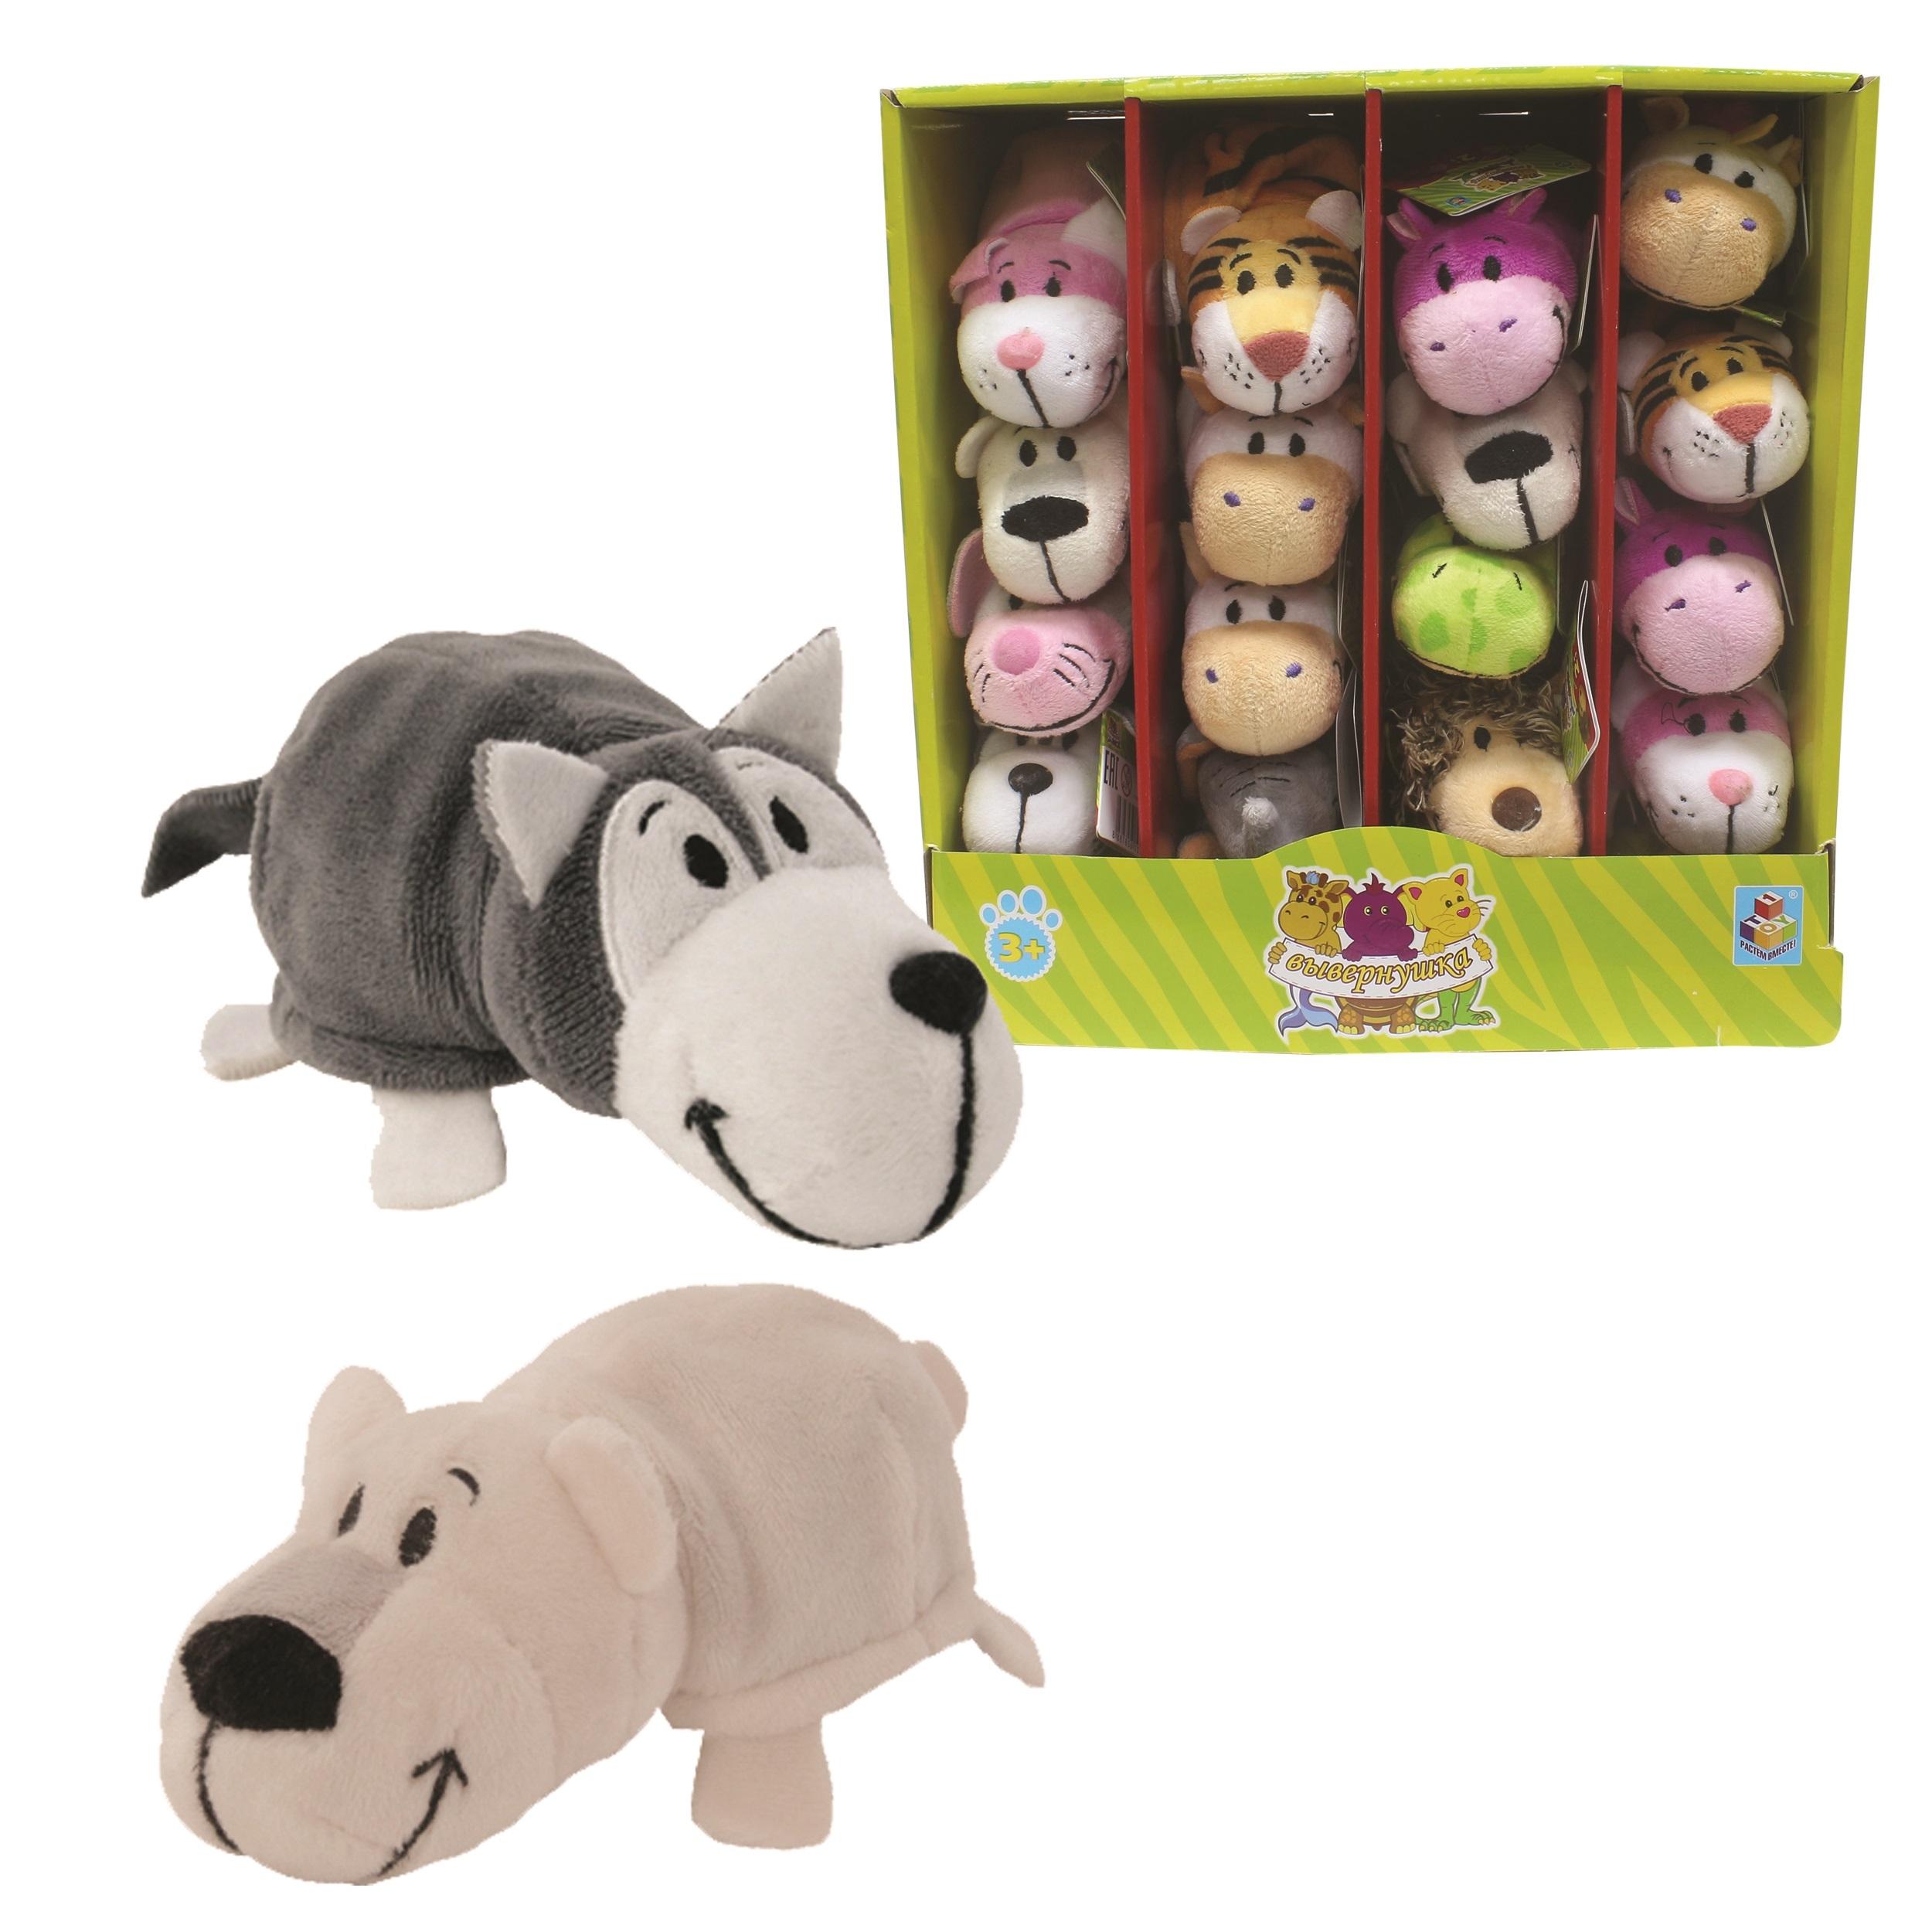 Мягкие игрушки 1toy Мягкая игрушка 1Toy «Вывернушка» 12 см в асс. игрушка 1toy robopets королевская кобра т11395